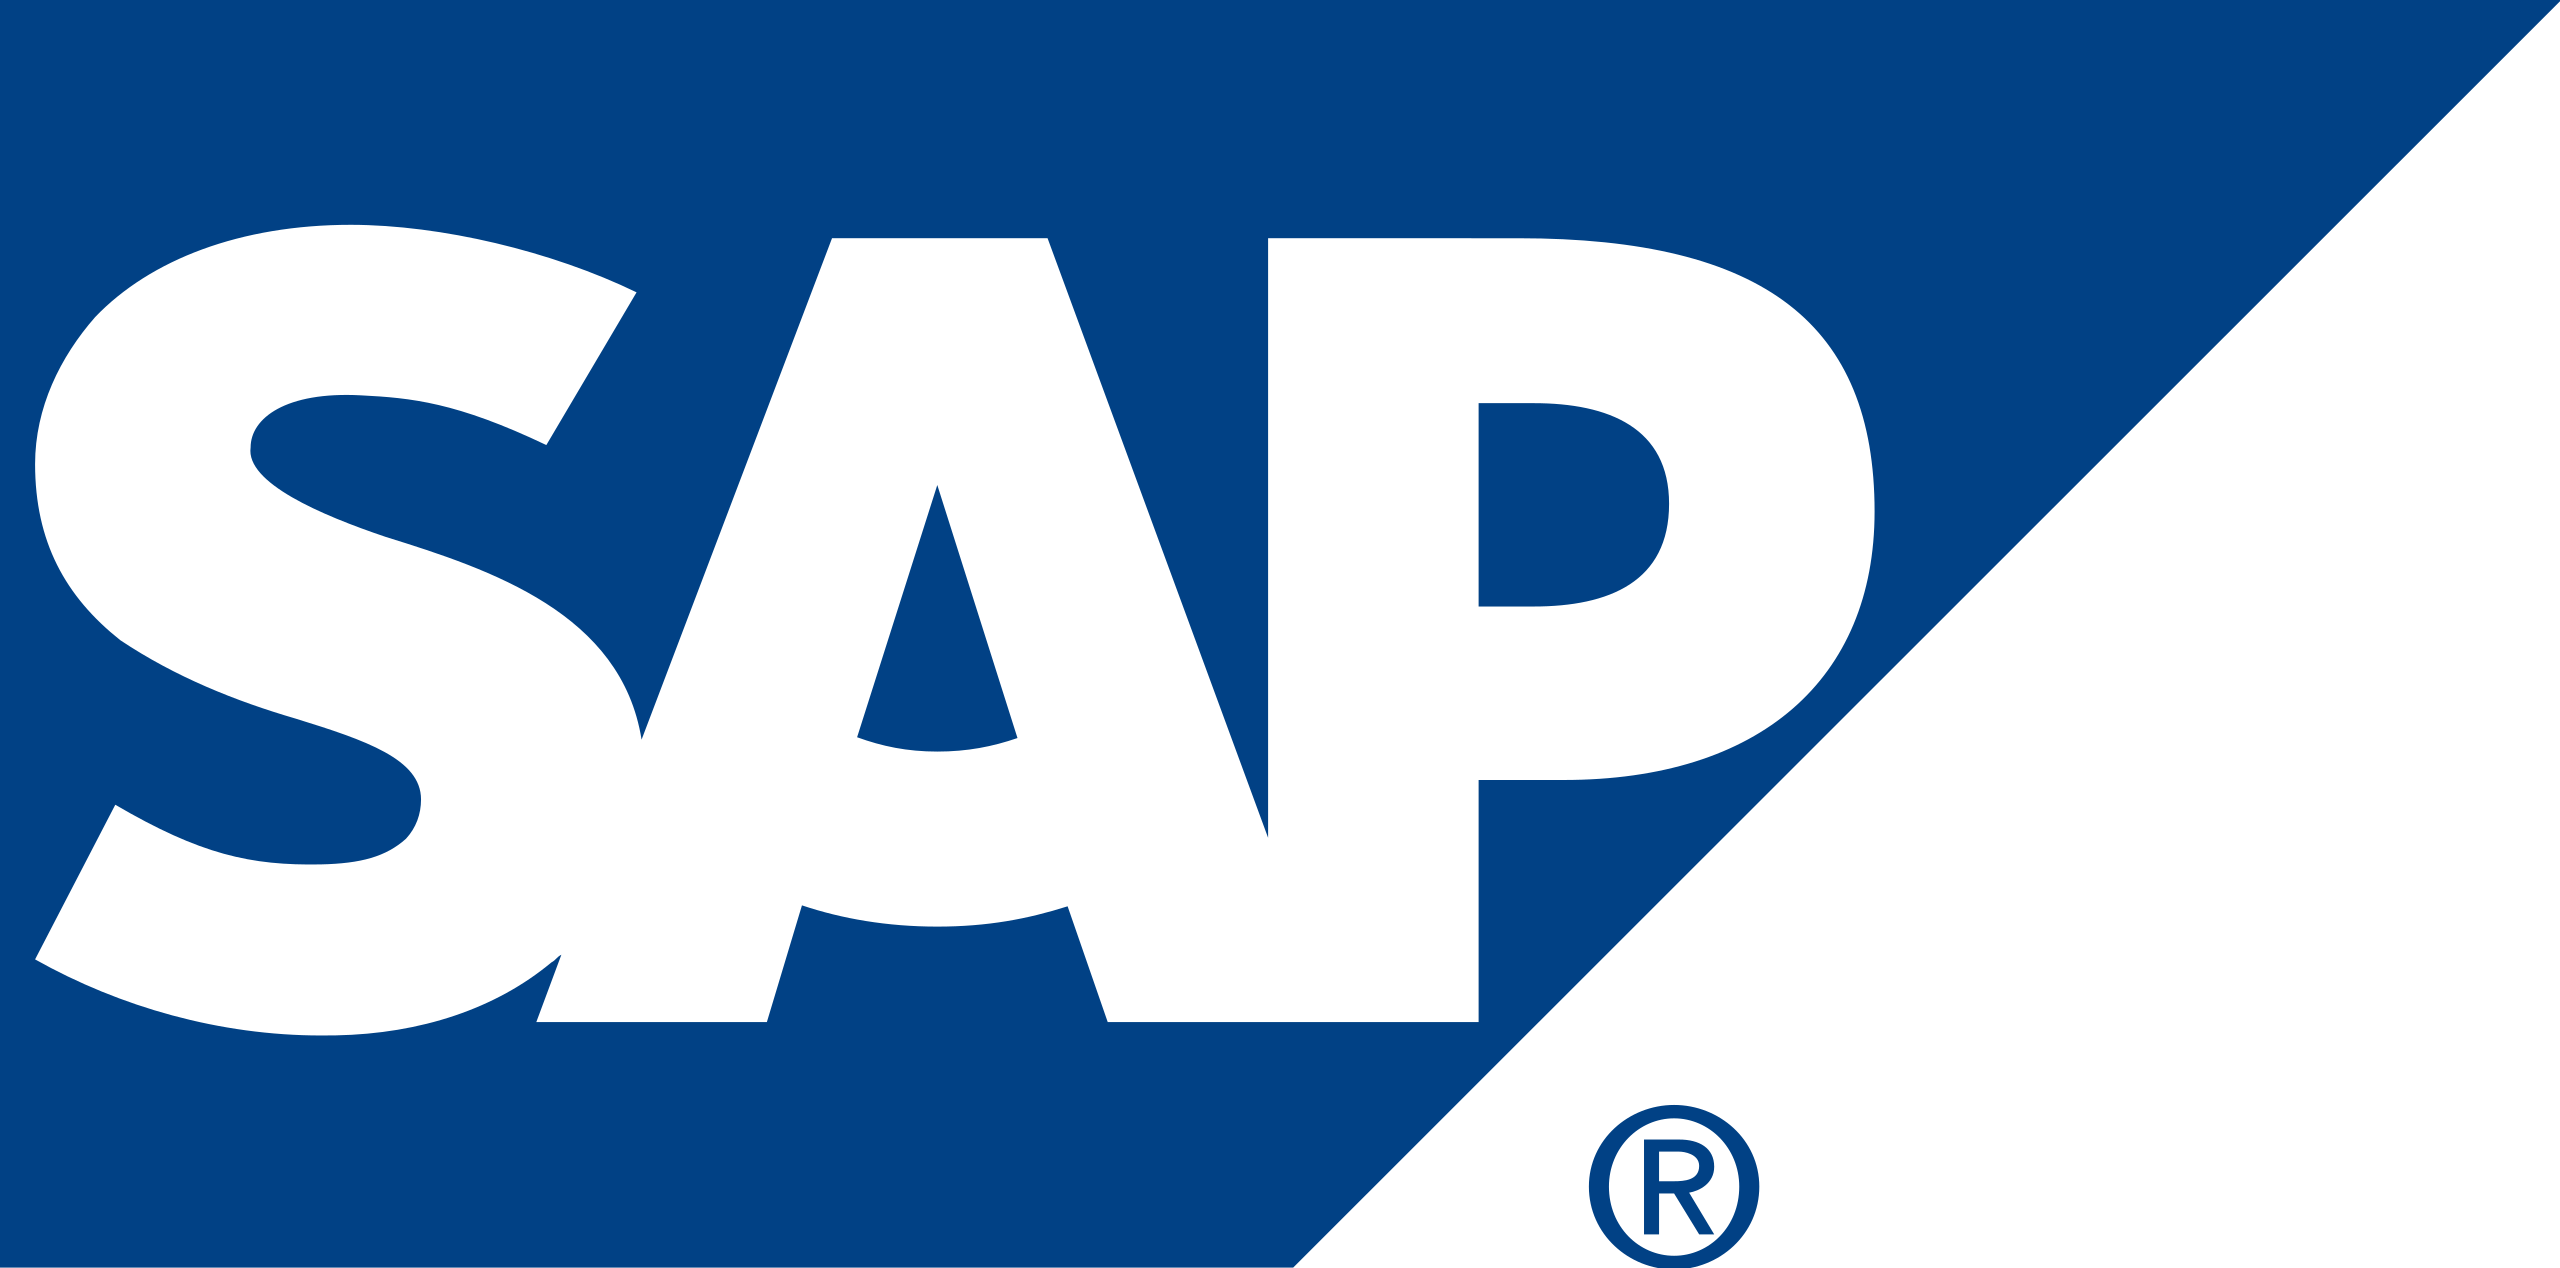 Schnittstelle nach SAP